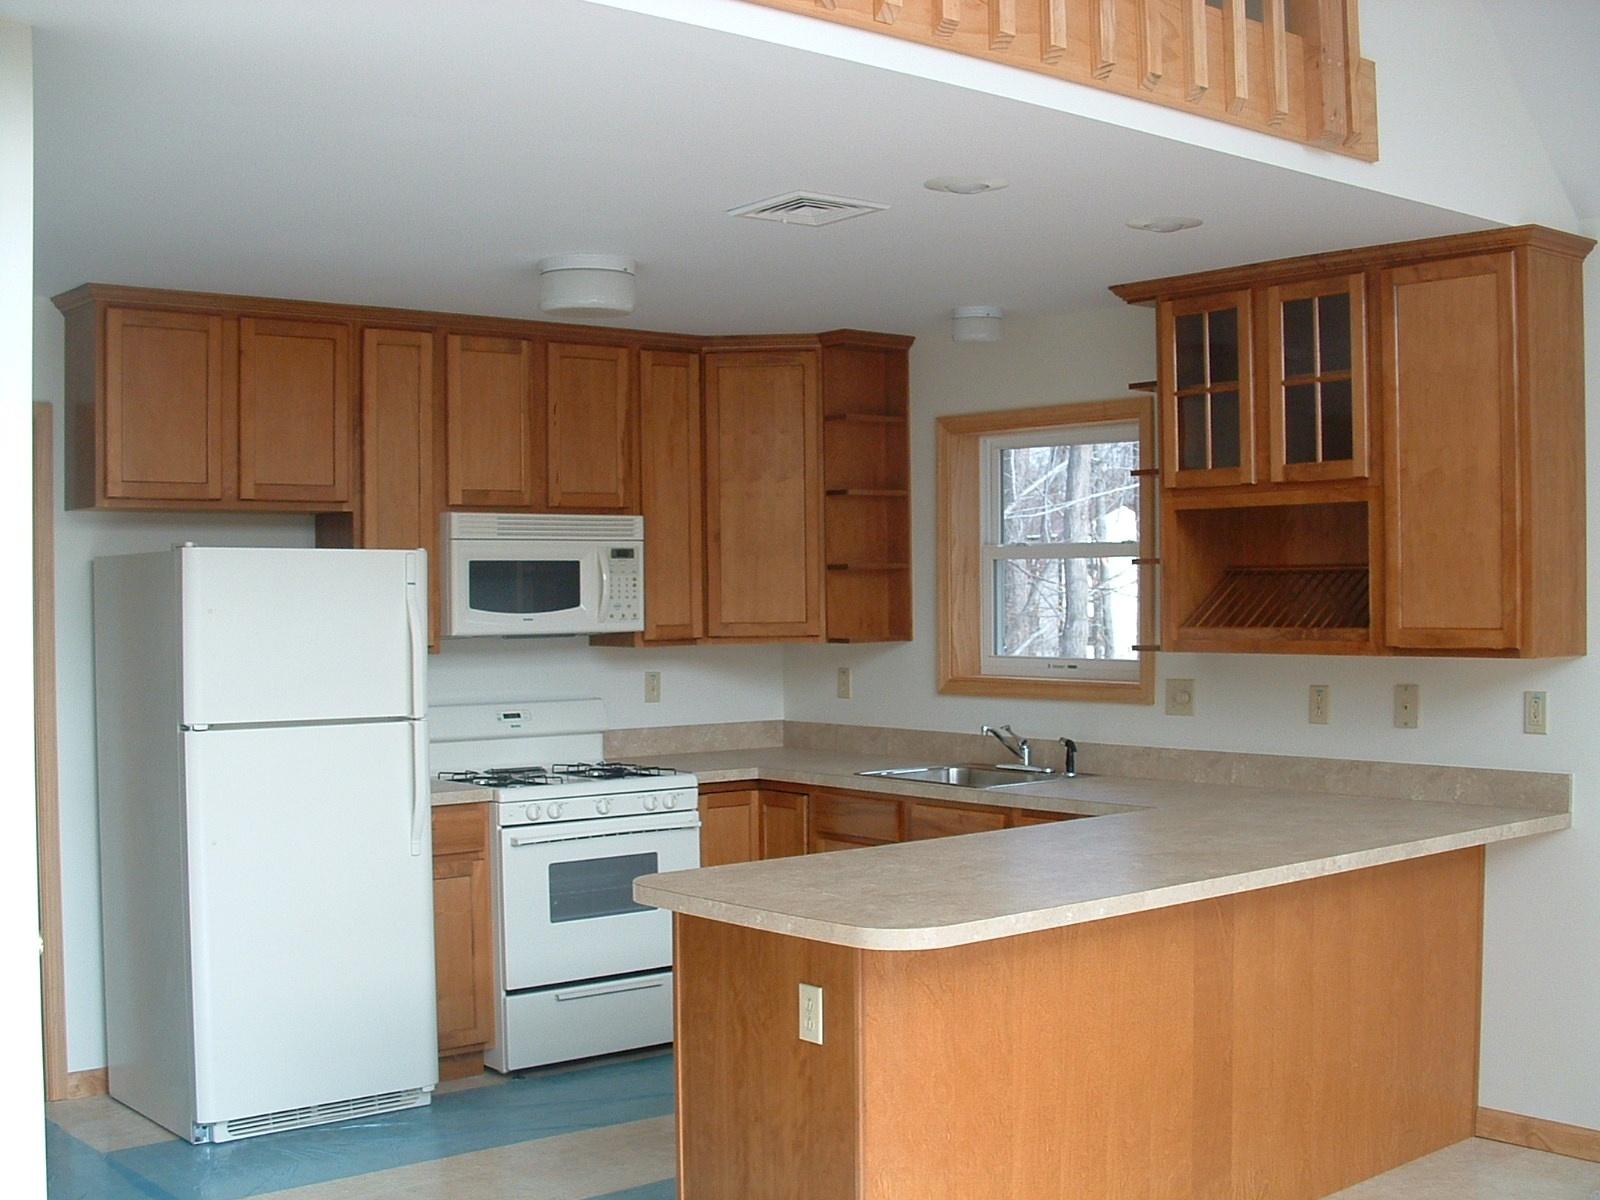 1503_kitchen.jpg